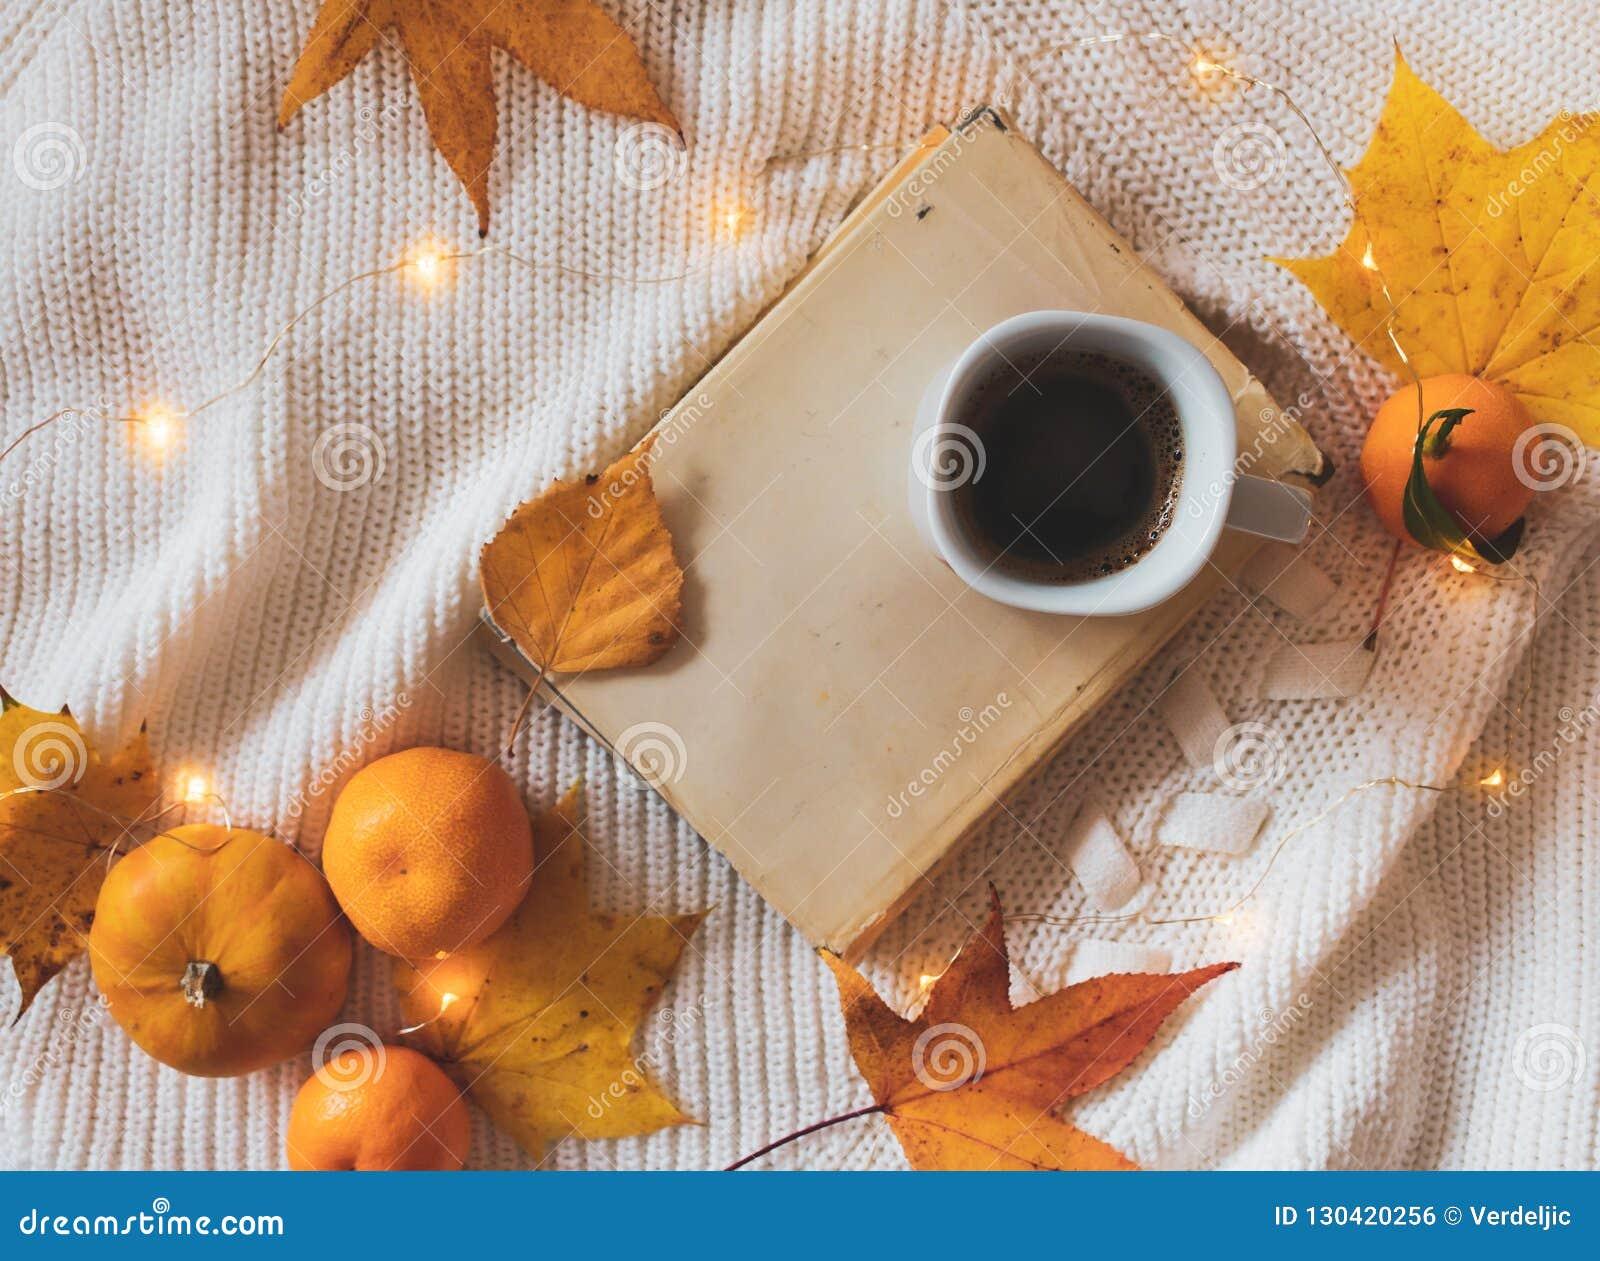 Livro, café, folhas douradas, laranjas, abóbora e luzes em uma camiseta branca